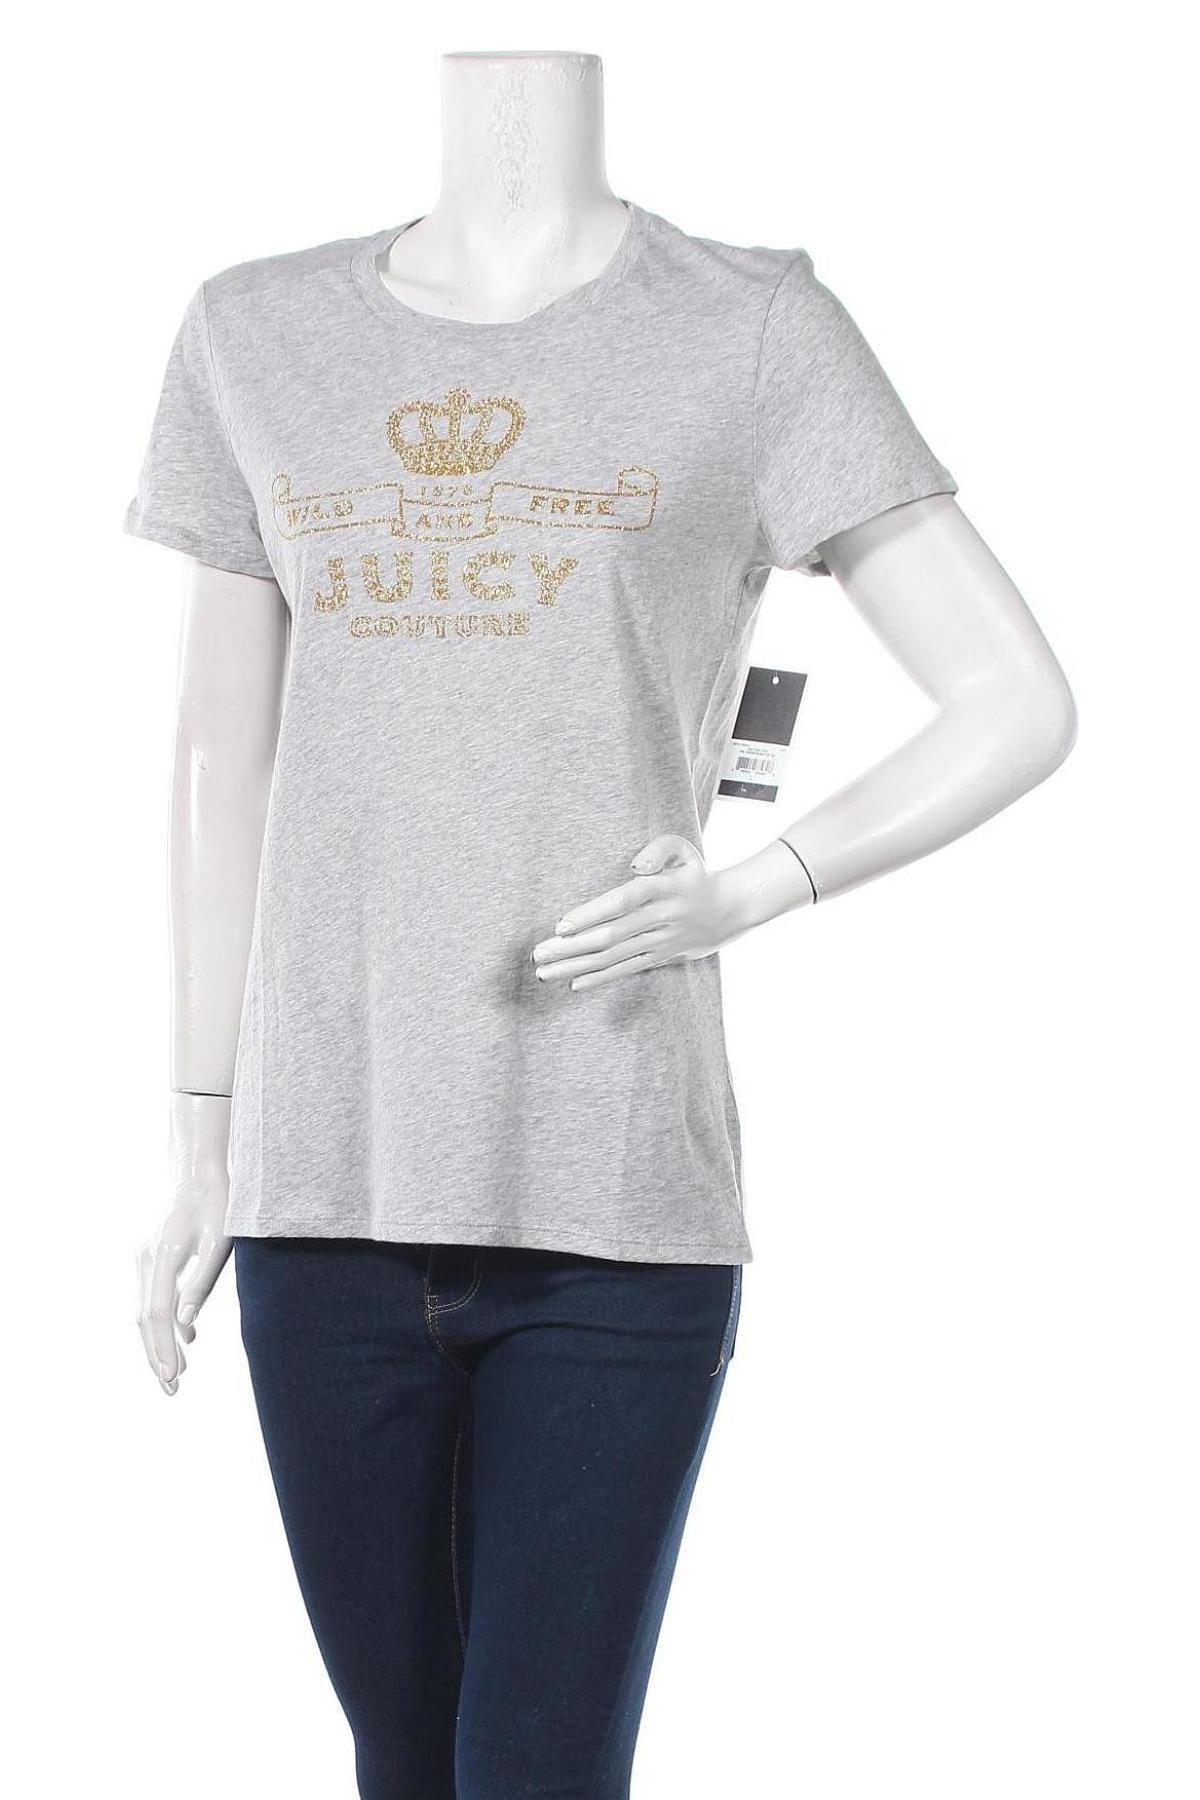 Дамска тениска Juicy Couture, Размер L, Цвят Сив, 100% памук, Цена 46,50лв.